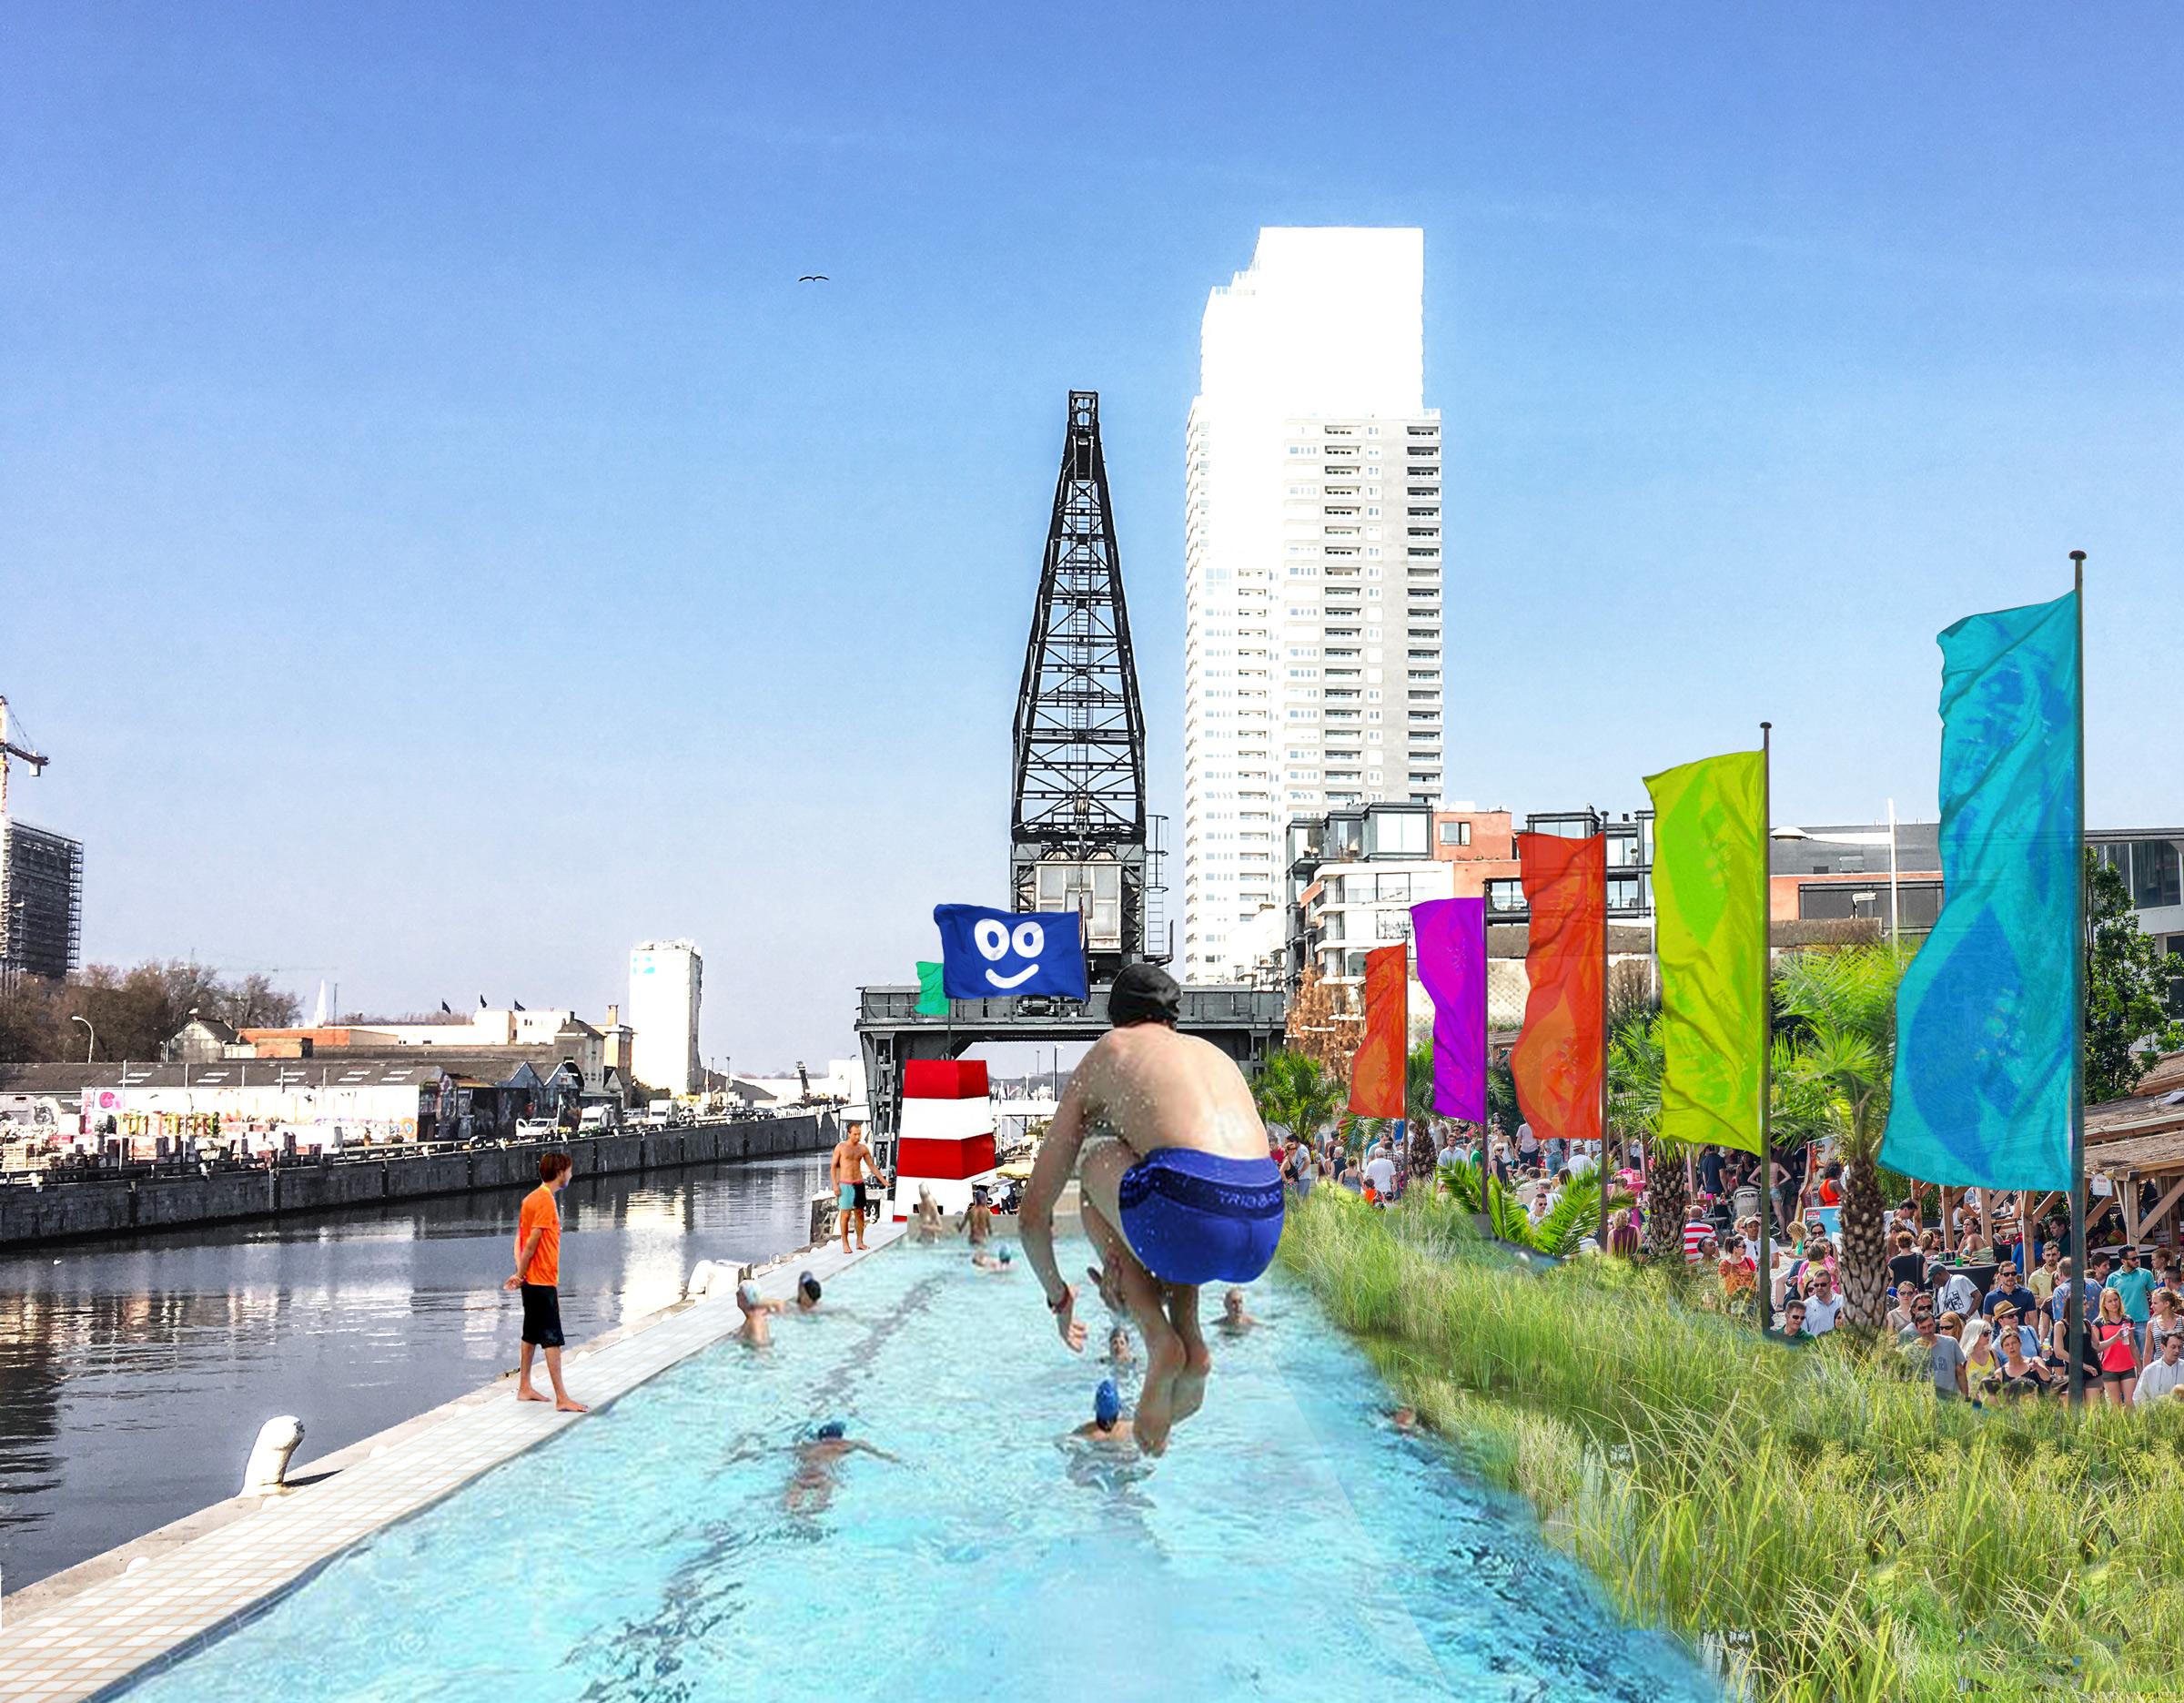 Proposal for a pool at Bruxelles Les Bains / Proposition pour une piscine à Bruxelles Les Bains /Voorstel voor een zwembad op Brussel Bad - 2017